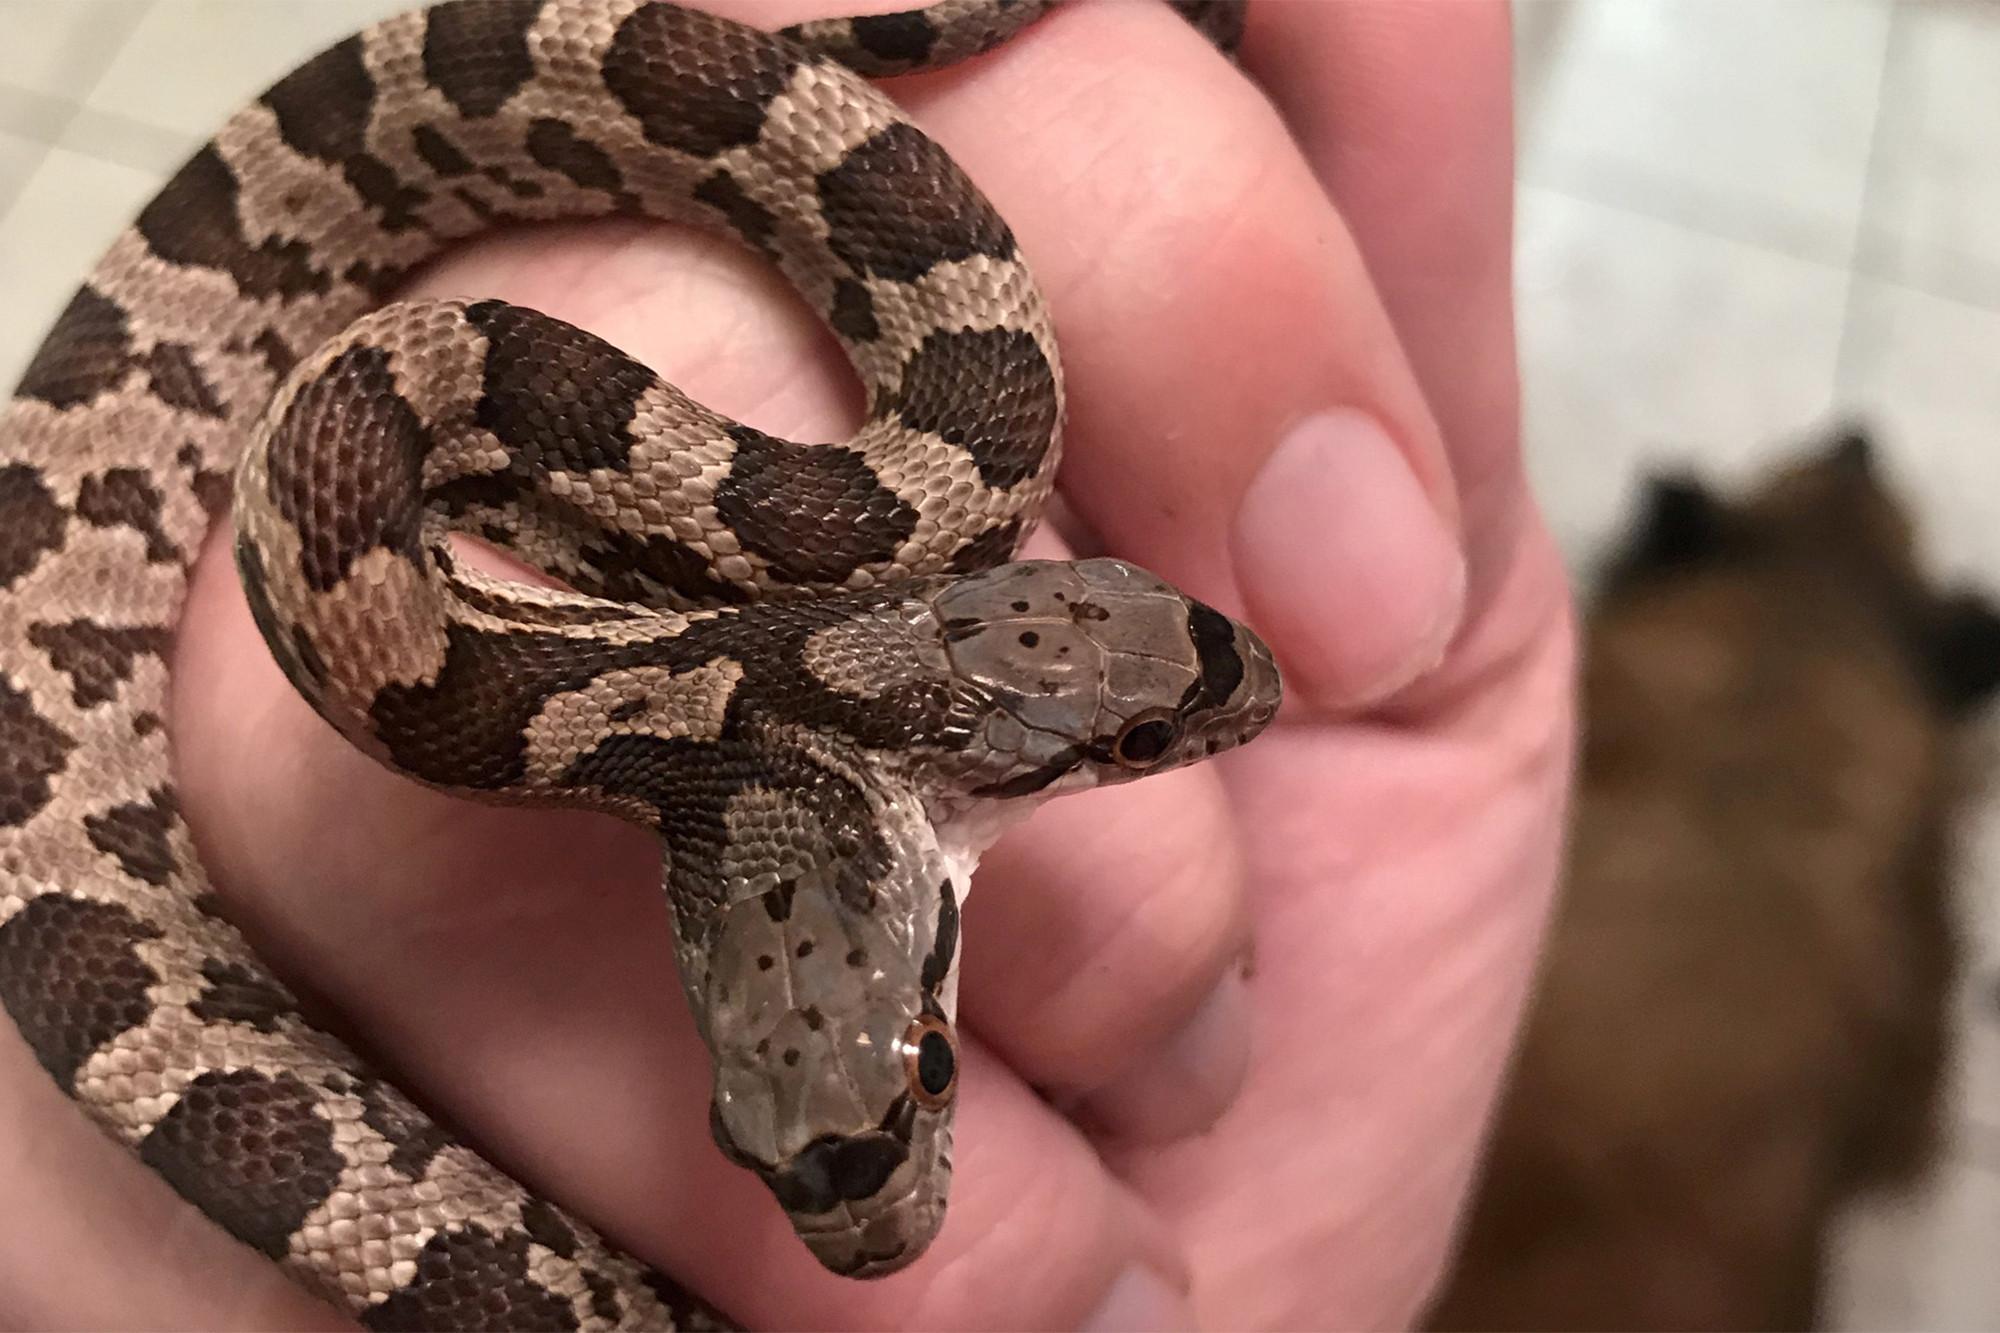 Американка нашла у себя во дворе редкую двухголовую змею